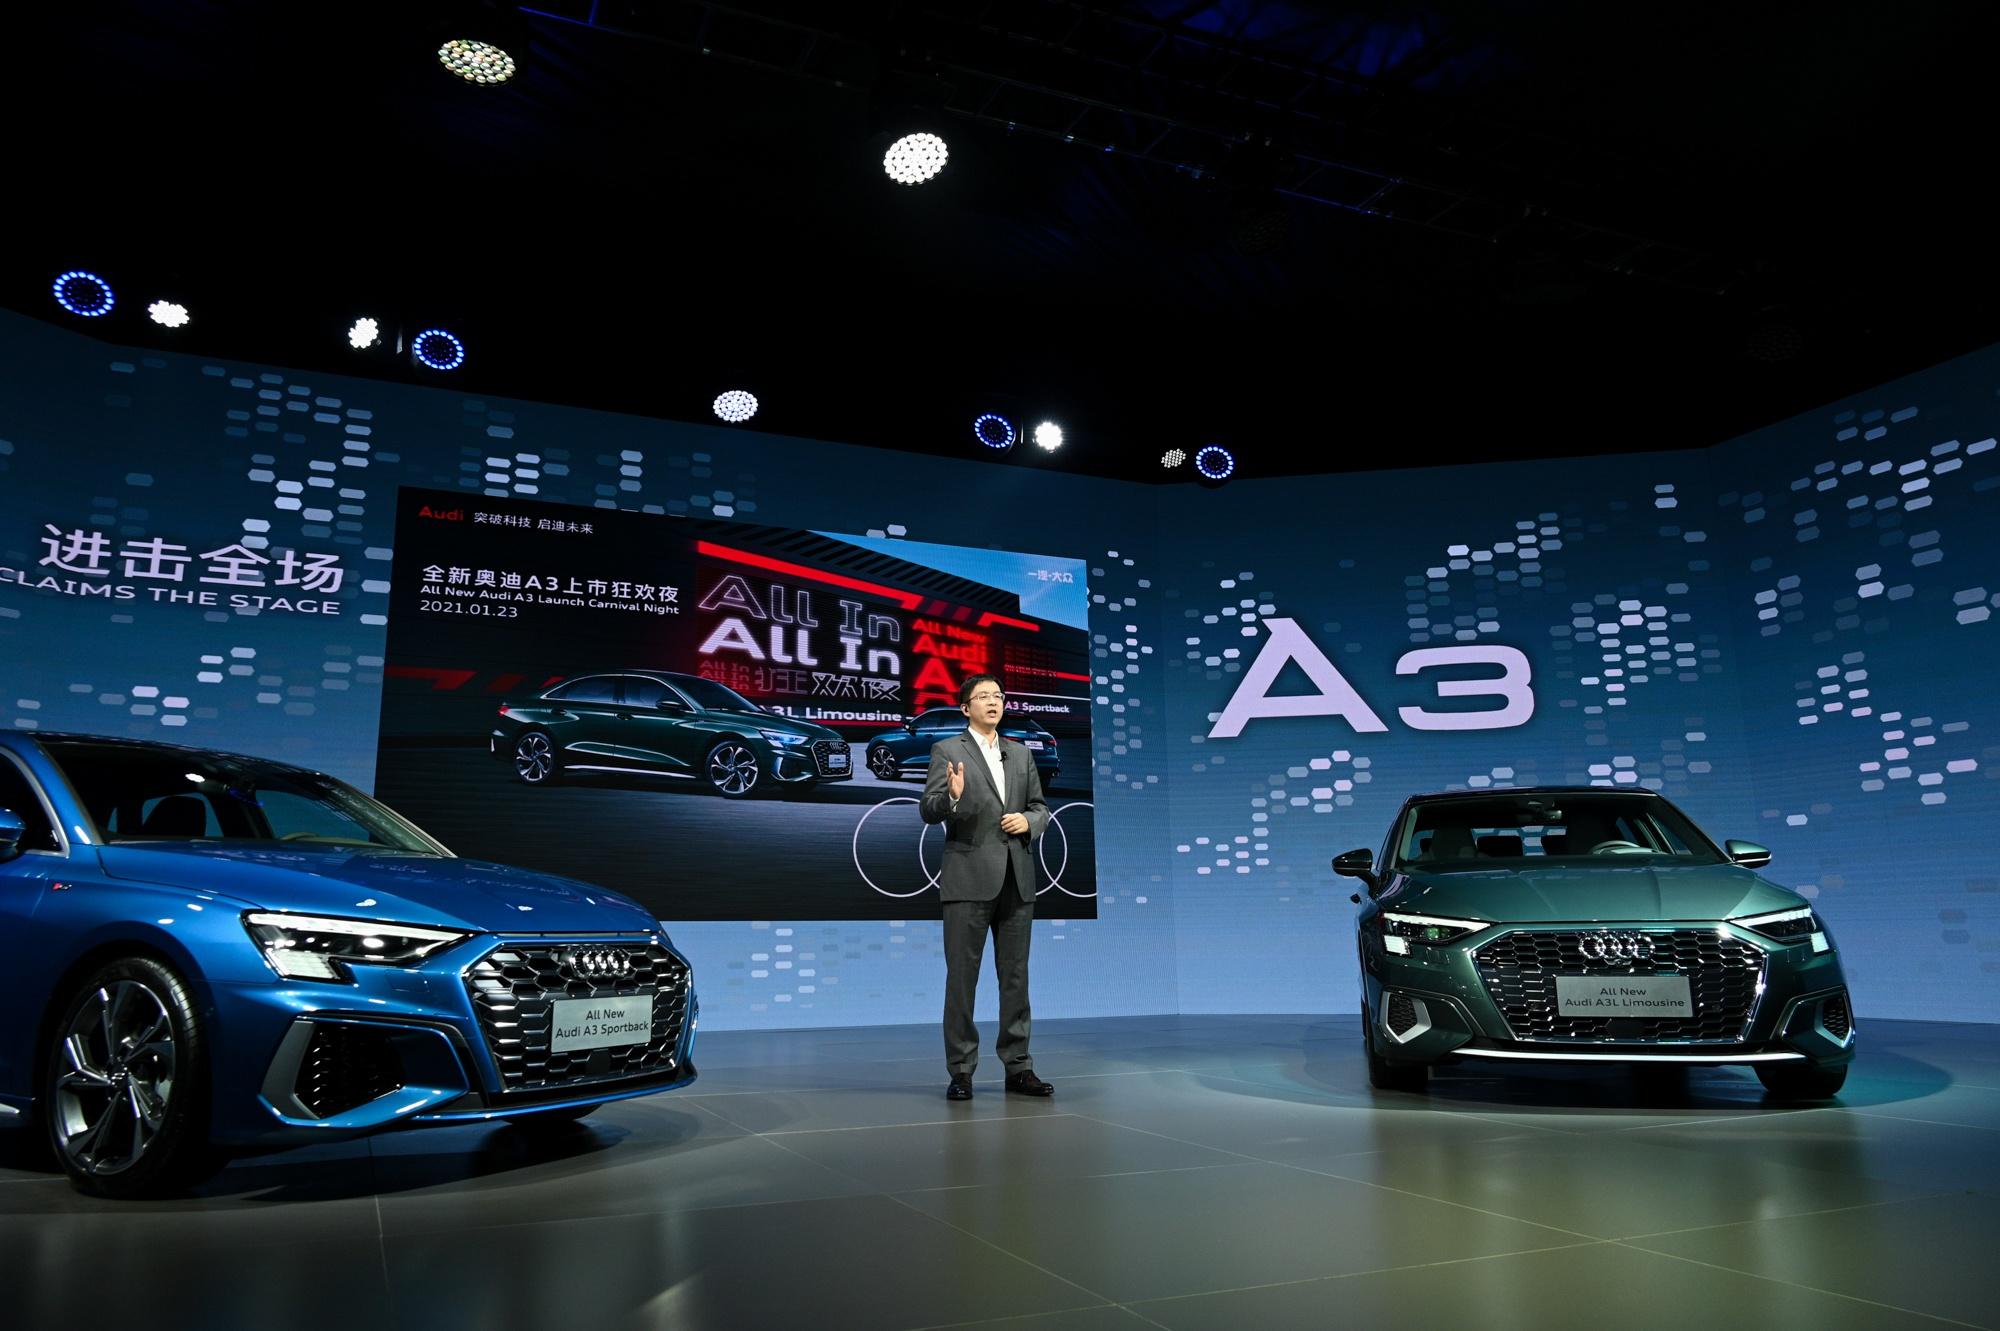 王一博担任奥迪新A3代言人,BBA入门车型之争升级